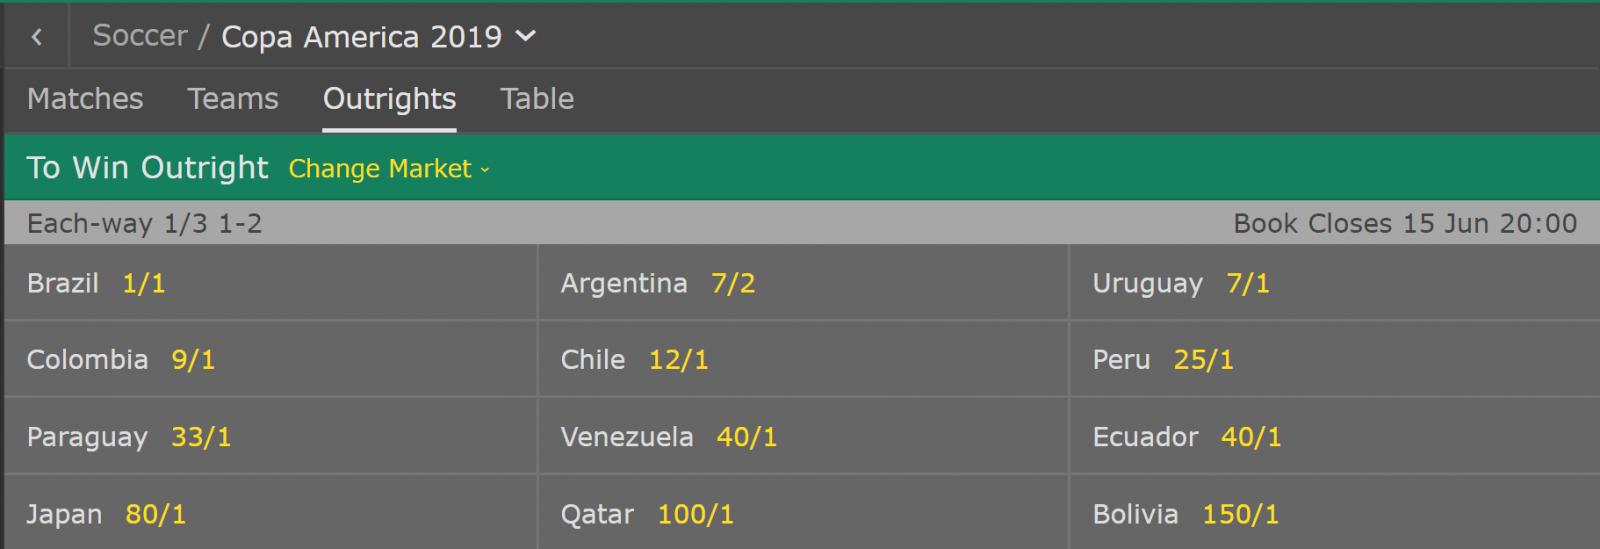 美洲杯夺冠赔率:巴西大幅领先,阿根廷乌拉圭排名二三